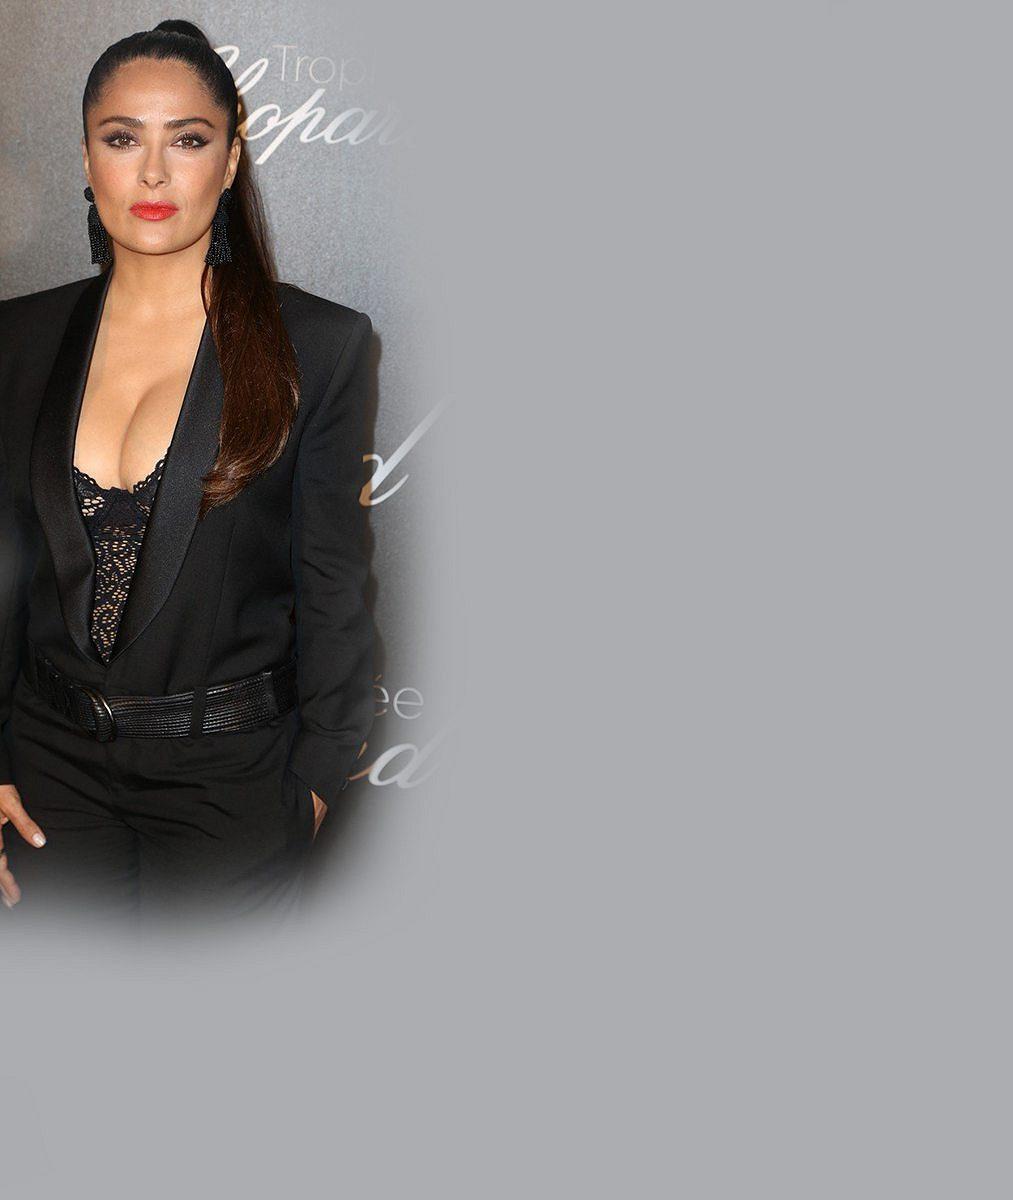 5 rajcovních fotek oslavenkyně Salmy Hayek! Sexy herečka slaví narozeniny, ale vůbec přitom nestárne